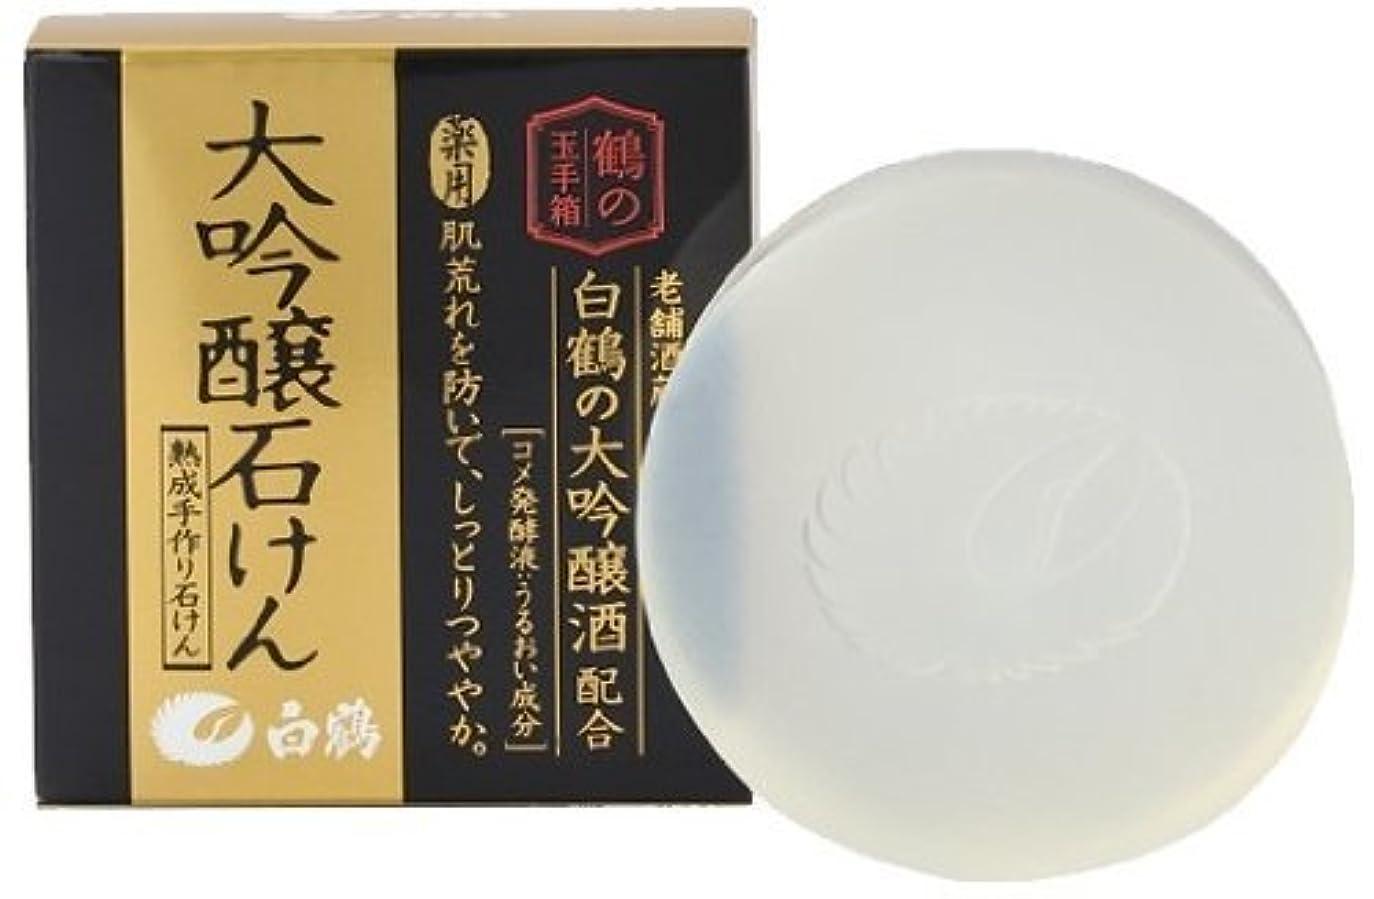 シャーク補充フロント白鶴 鶴の玉手箱 大吟醸石けん 100g × 5個 (薬用)(医薬部外品)